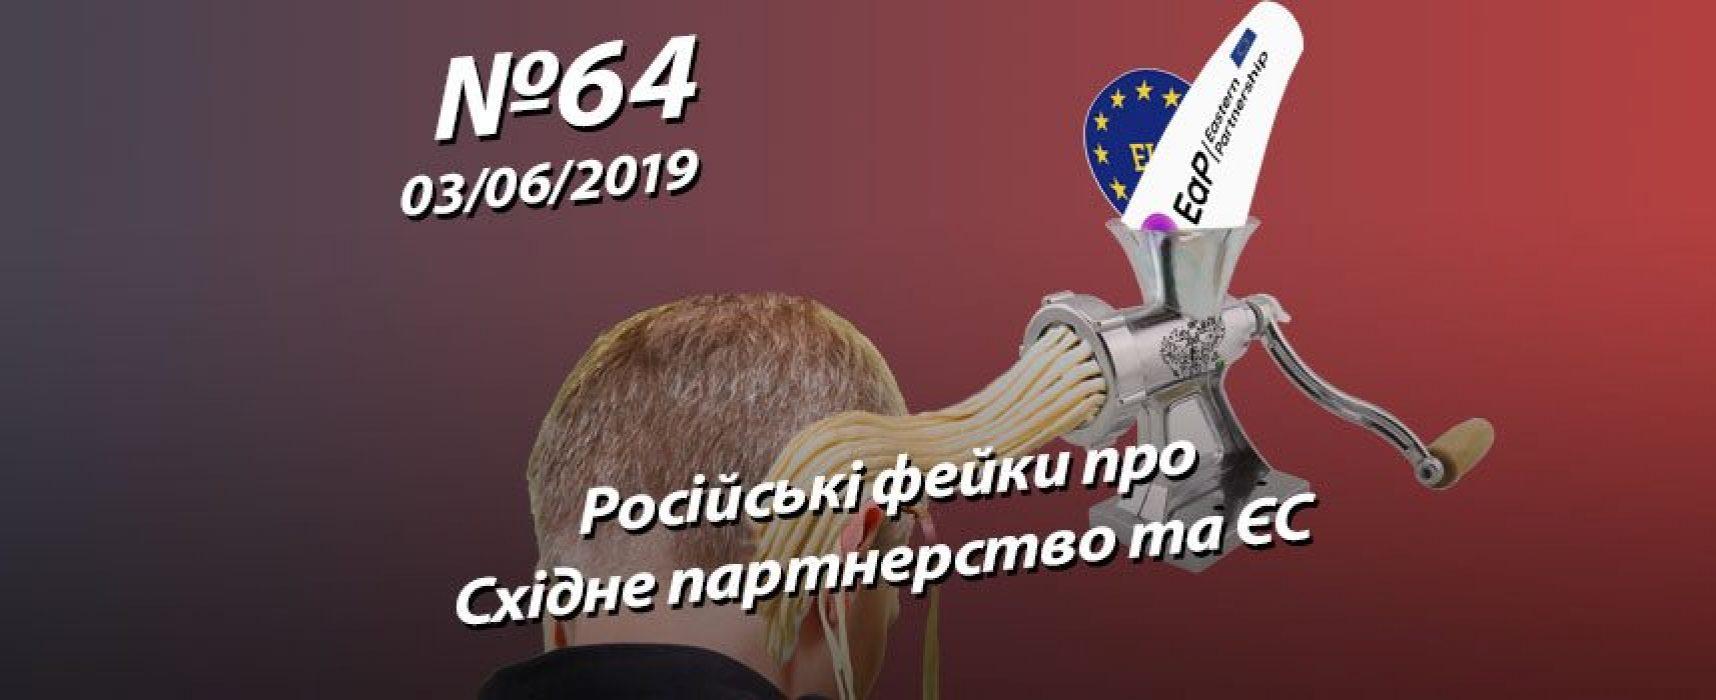 Російські фейки про Східне партнерство та ЄС – StopFake.org